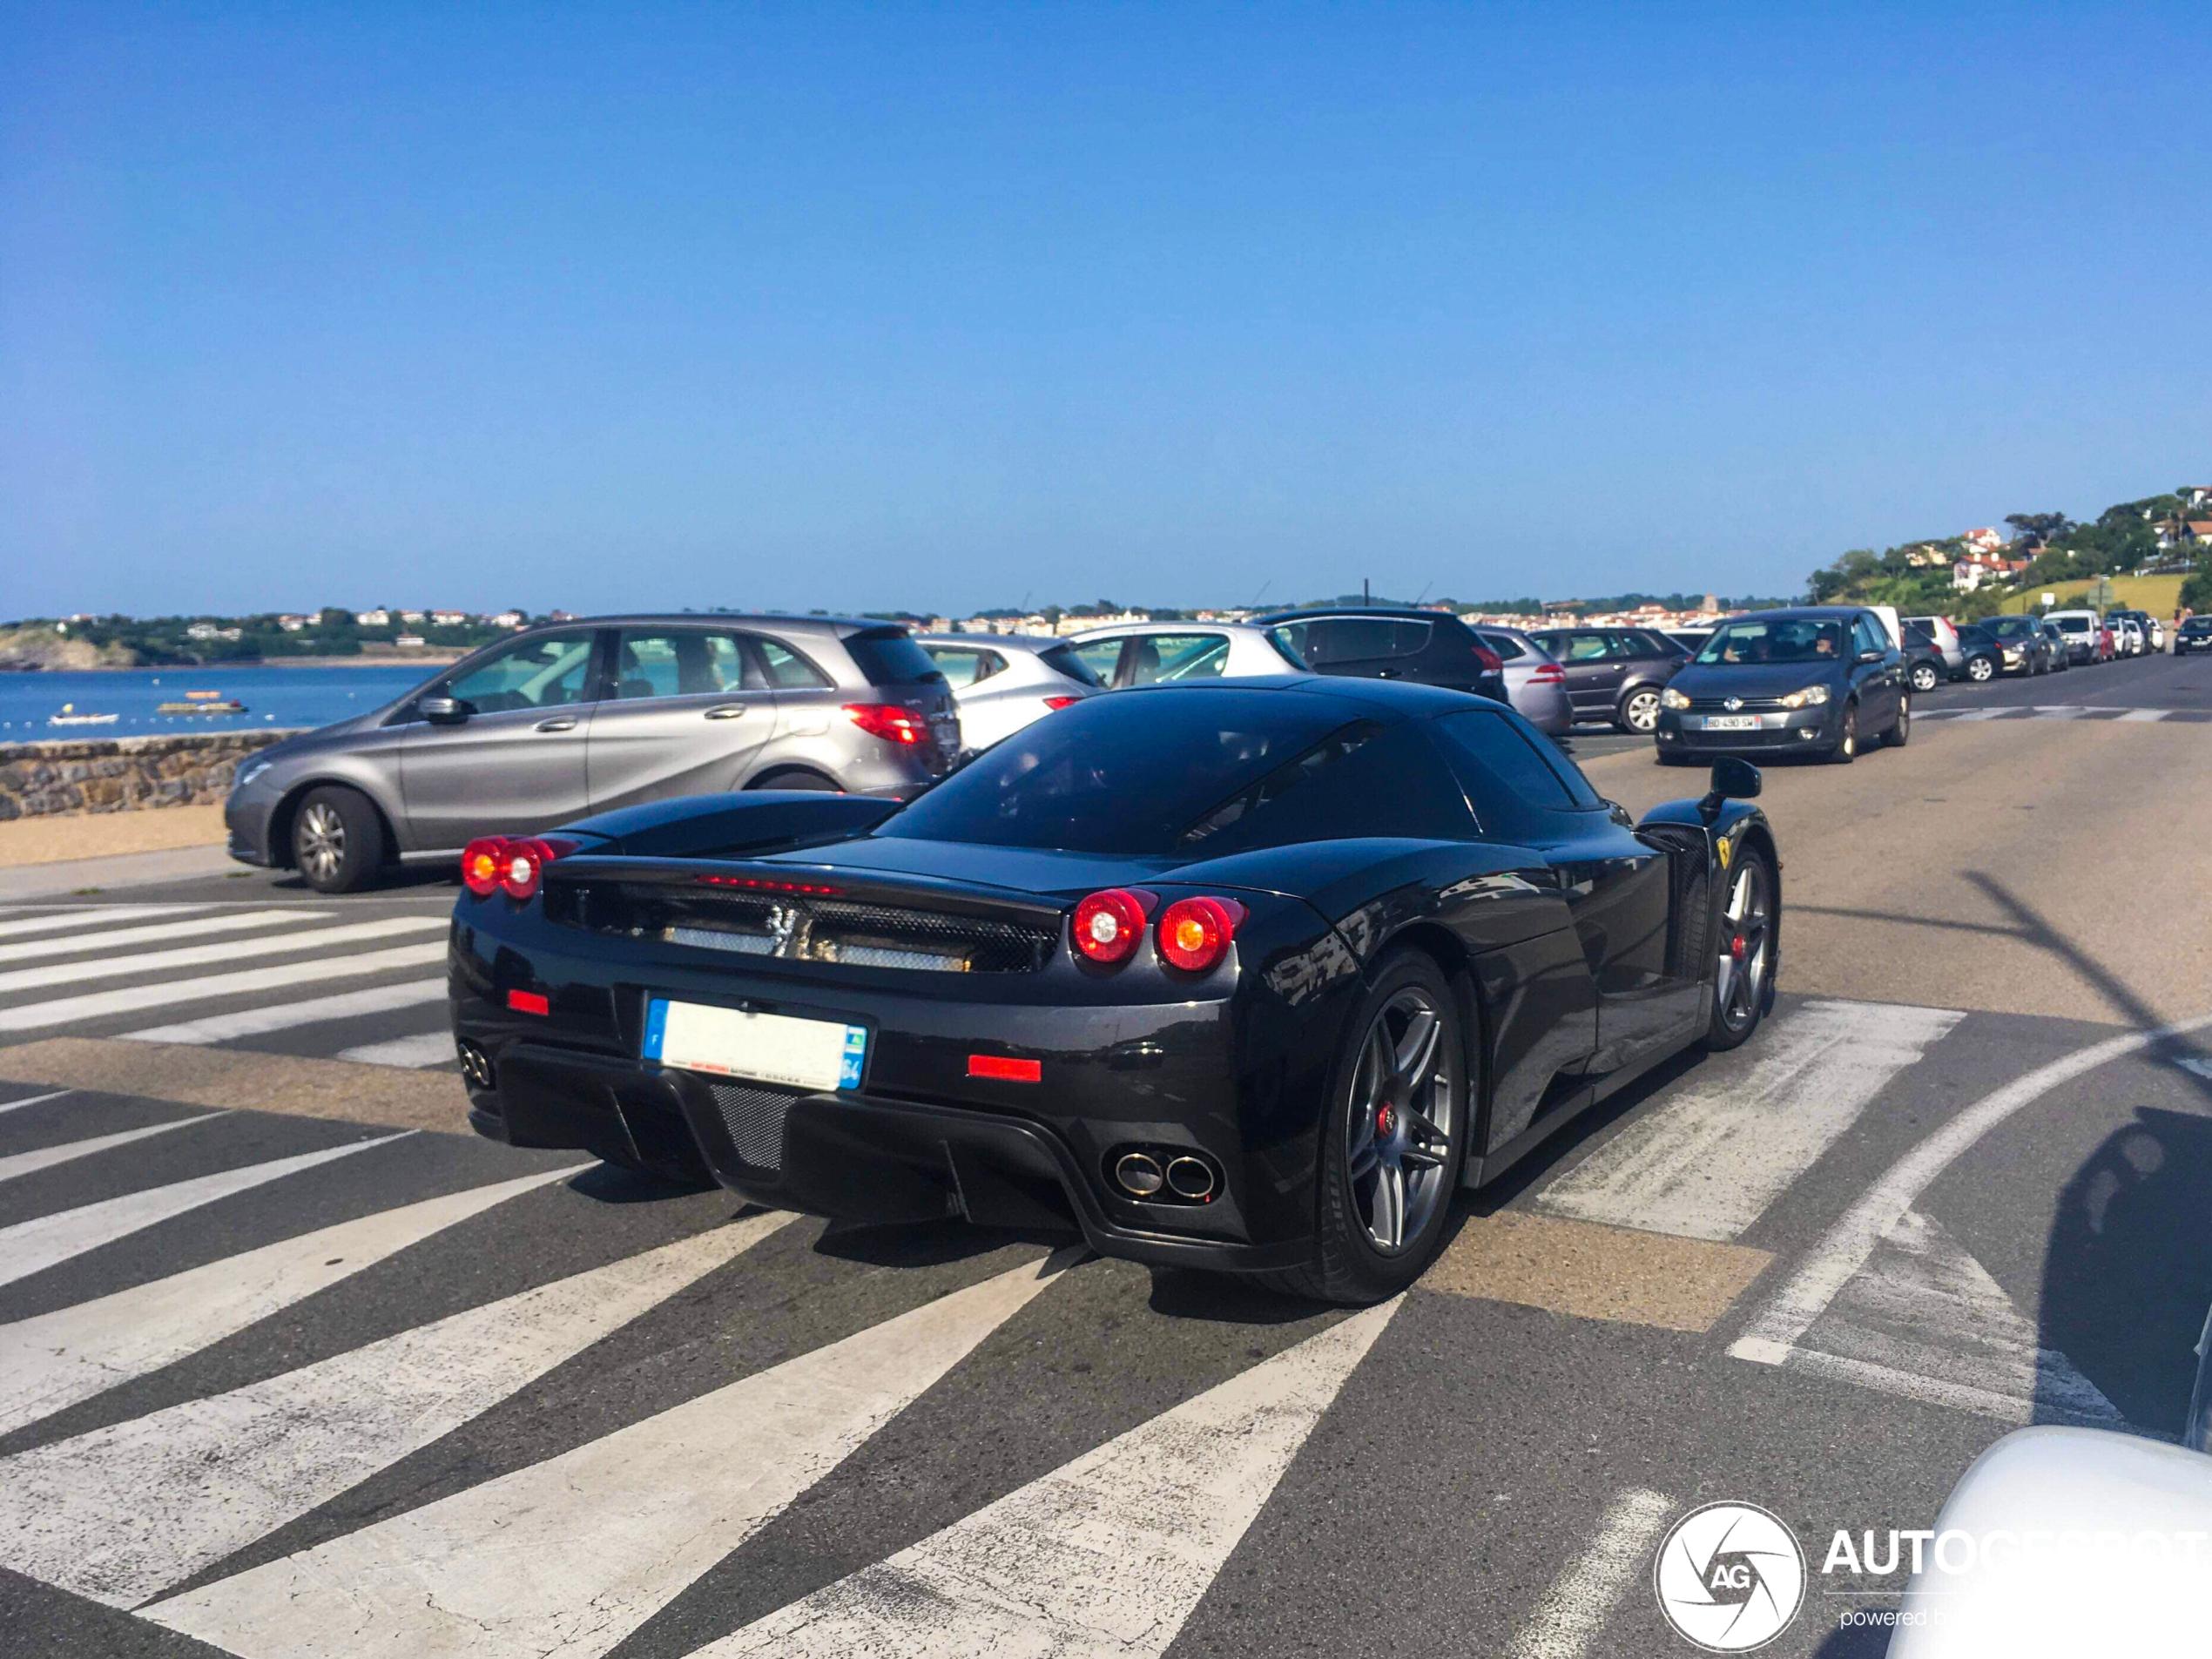 Gespot: naar het strand in de Ferrari Enzo